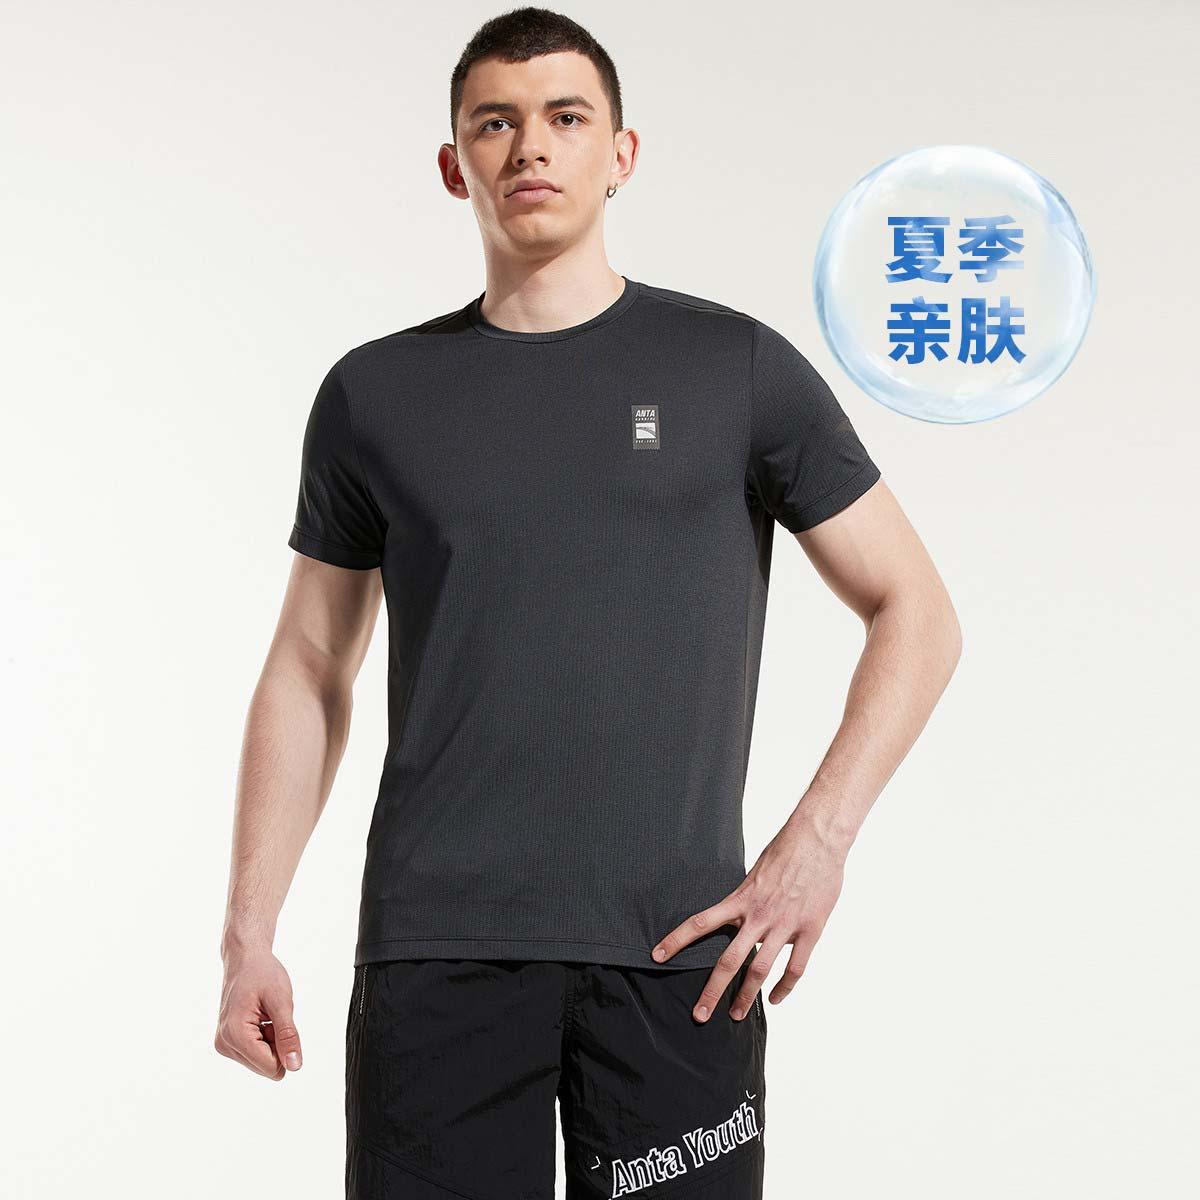 专柜新款,速干透气:安踏 男士 百搭针织短袖T恤